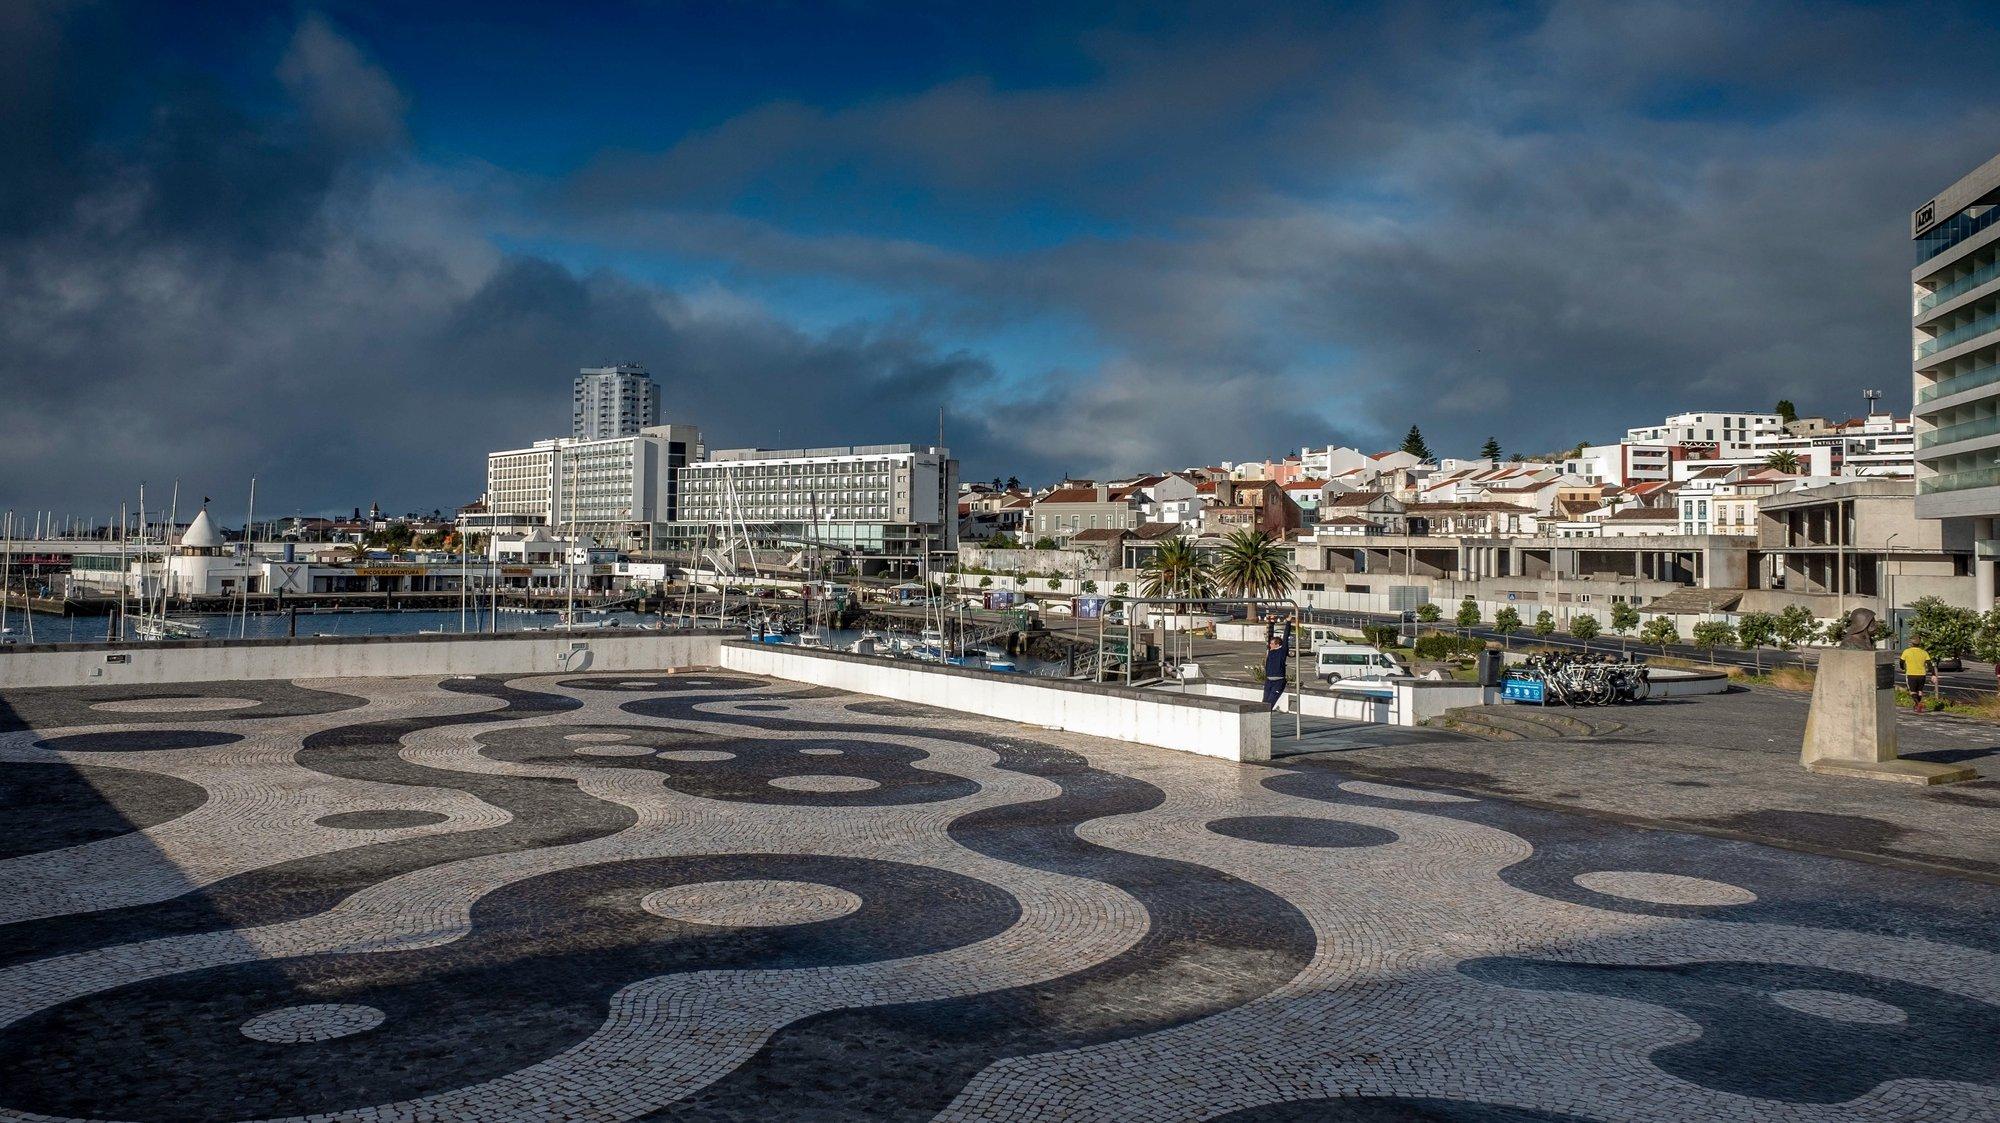 O centro de Ponta Delgada encontrava-se práticamente deserto esta manhã, na ilha de São Miguel, Açores, 09 de janeiro de 2021. A ilha de São Miguel, tem a partir desta sexta-feira novas medidas de contenção da covid-19, como limitação de ajuntamentos, recolher obrigatório, limitação de horário de restaurantes e lojas, e também encerramento de escolas. (ACOMPANHA TEXTO DA LUSA). EDUARDO COSTA/LUSA